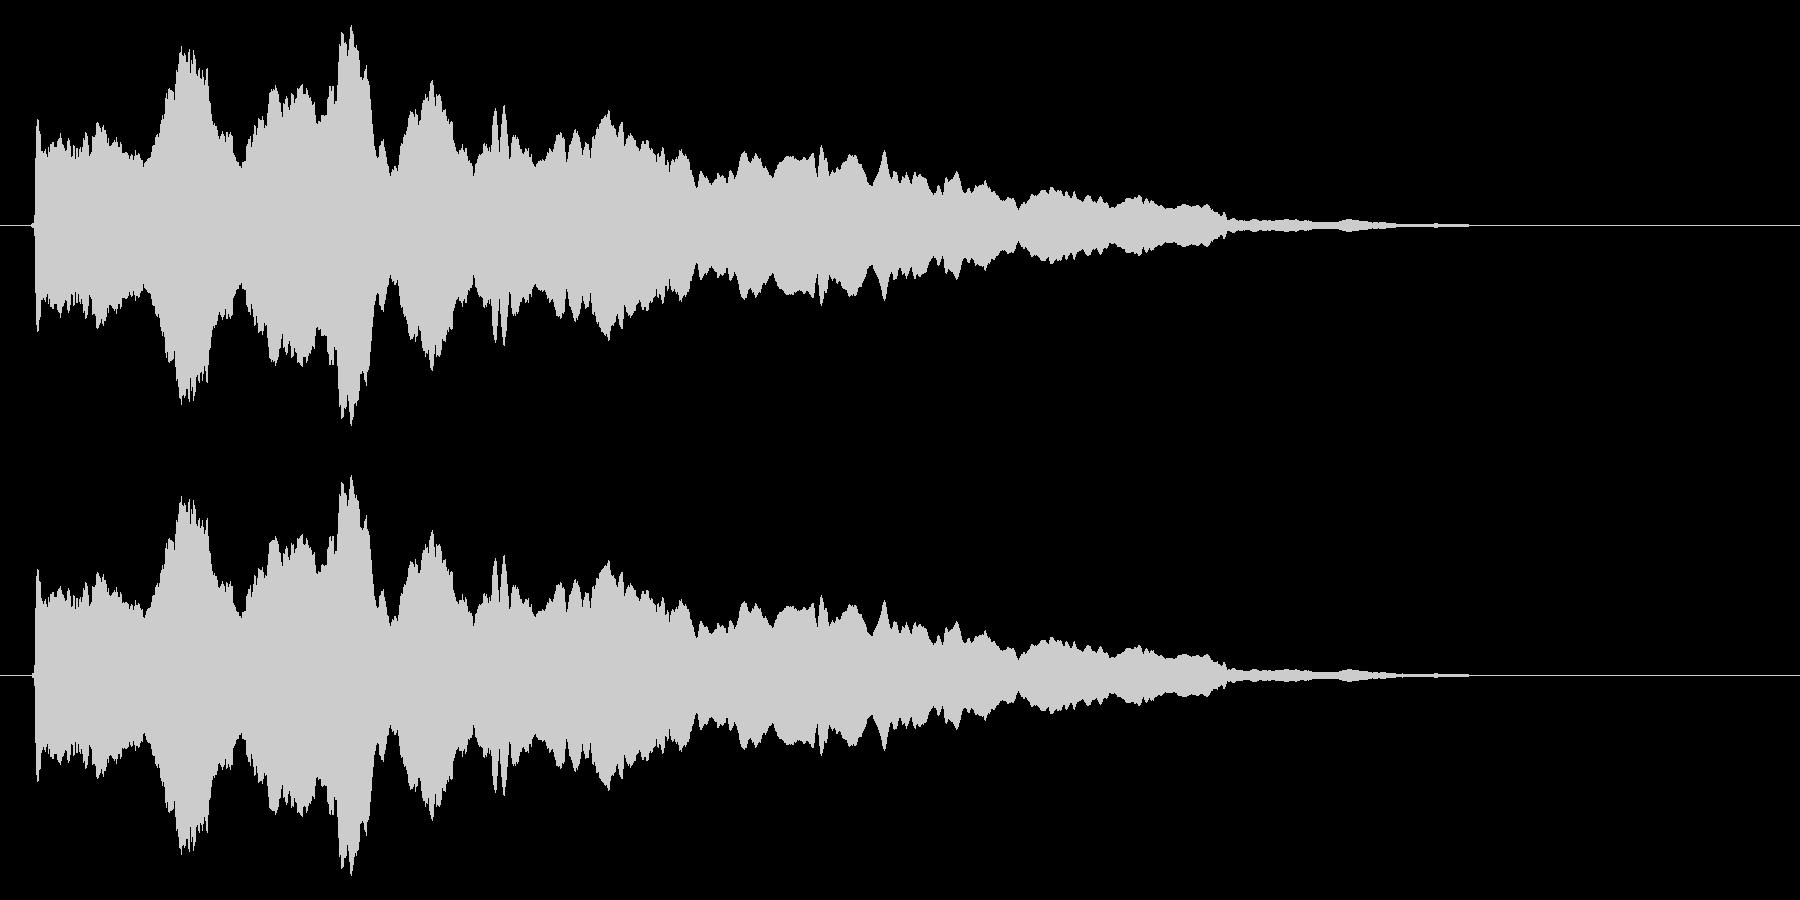 スライド笛/風船/しぼむ/カートゥーンの未再生の波形